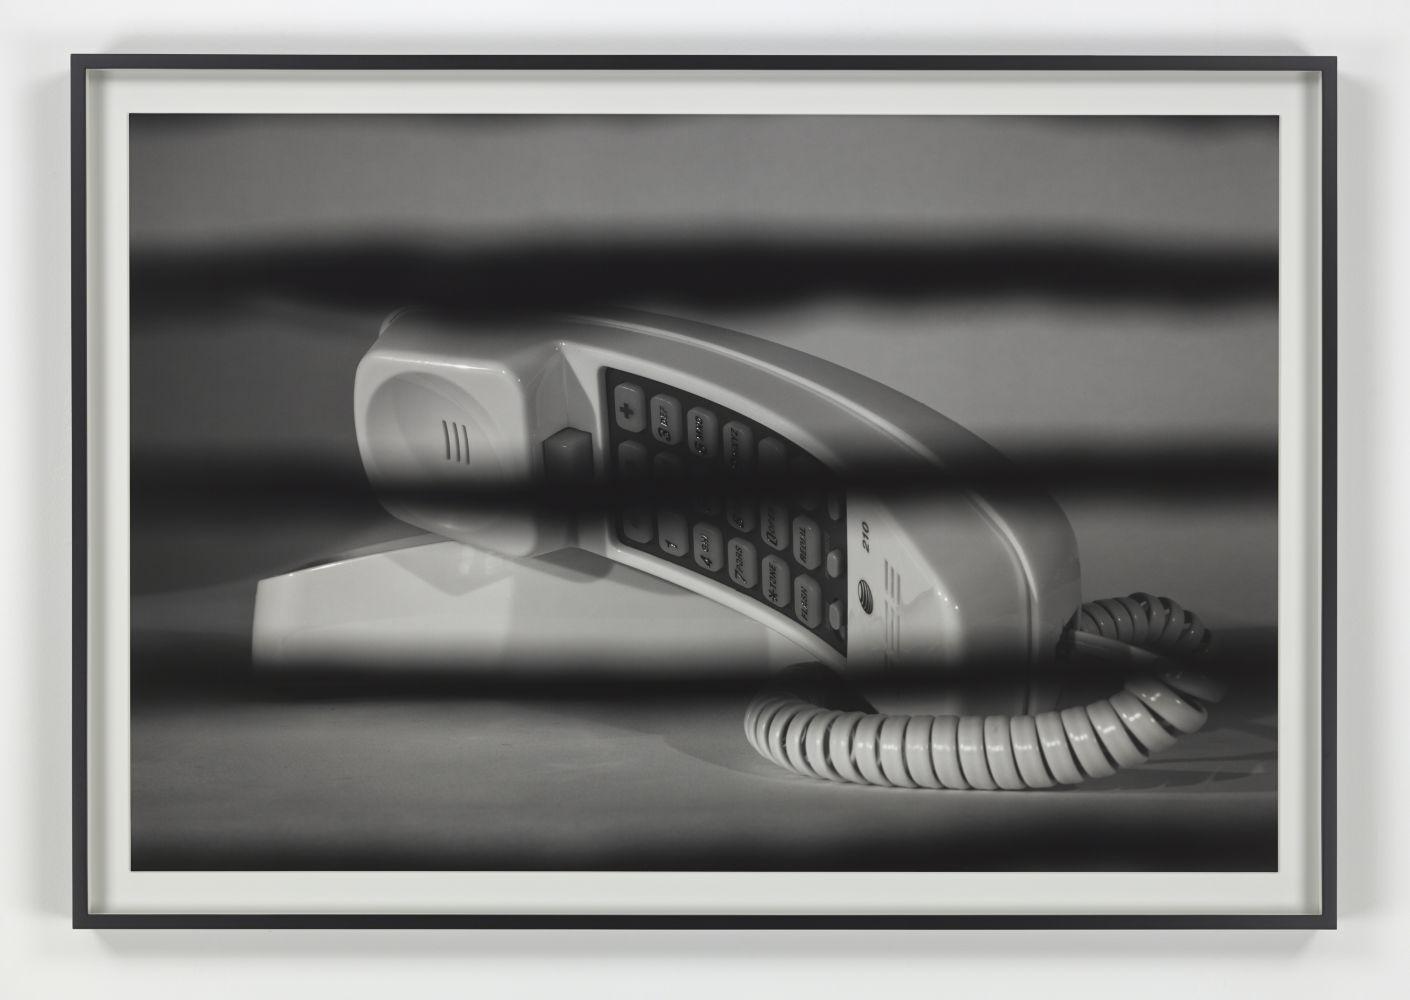 WYATT KAHN  Untitled 2017 Silver gelatin print, framed  Ed. 1/2 + 1 AP Image 67 x 101 cm / 26 3/8 x 39 3/4 in   Frame 74.5 x 108.5 cm / 29 3/8 x 42 3/4 in  KAHNW43244